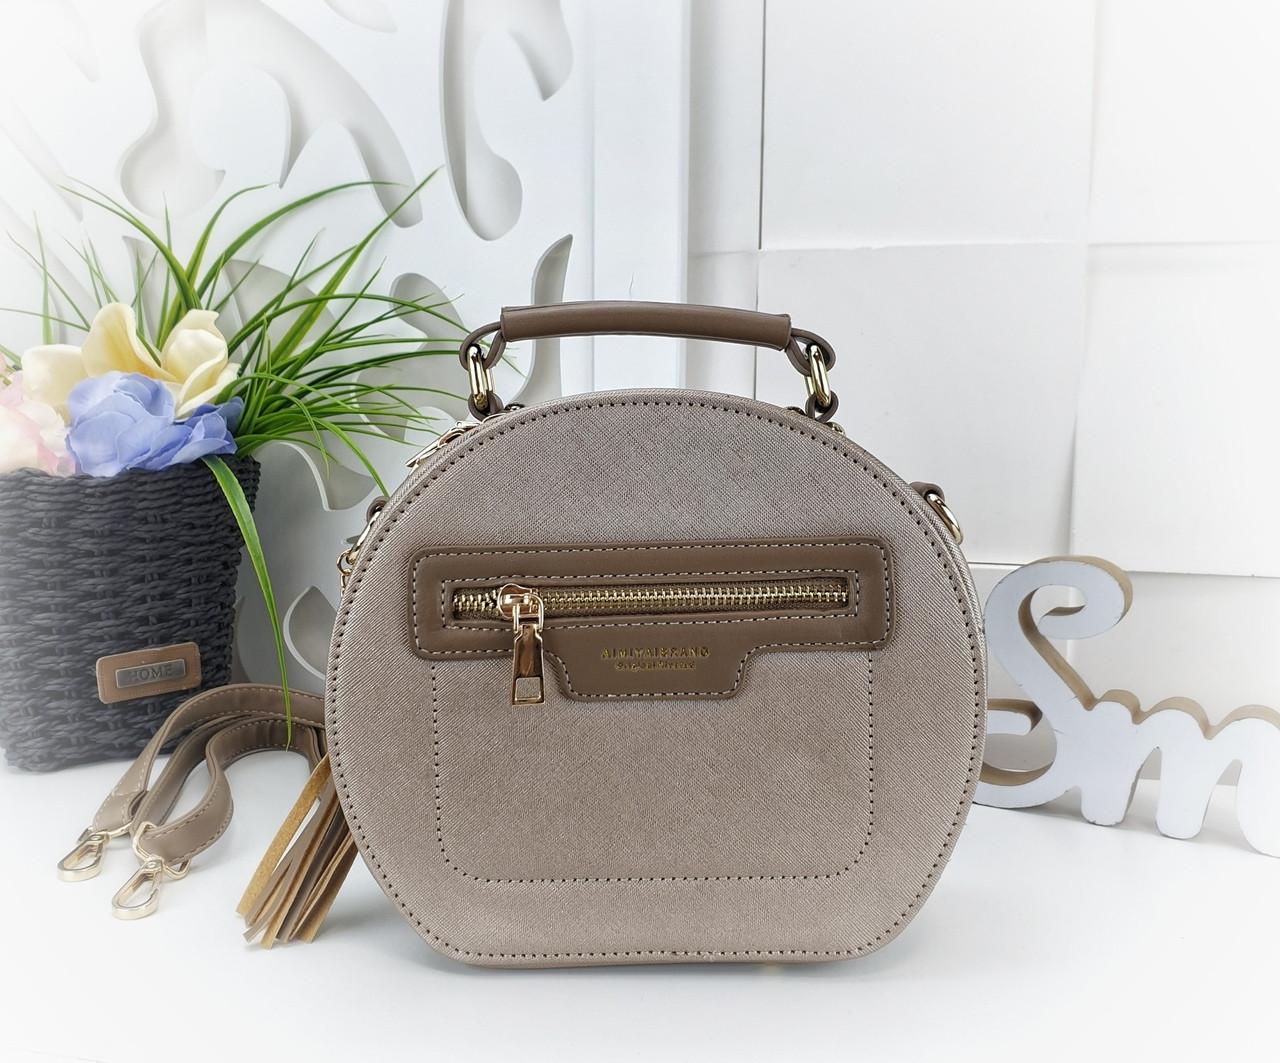 19e2e9b87abe Модная сумка-клатч круглой формы из искусственной кожи золотого цвета -  Баэль в Харькове